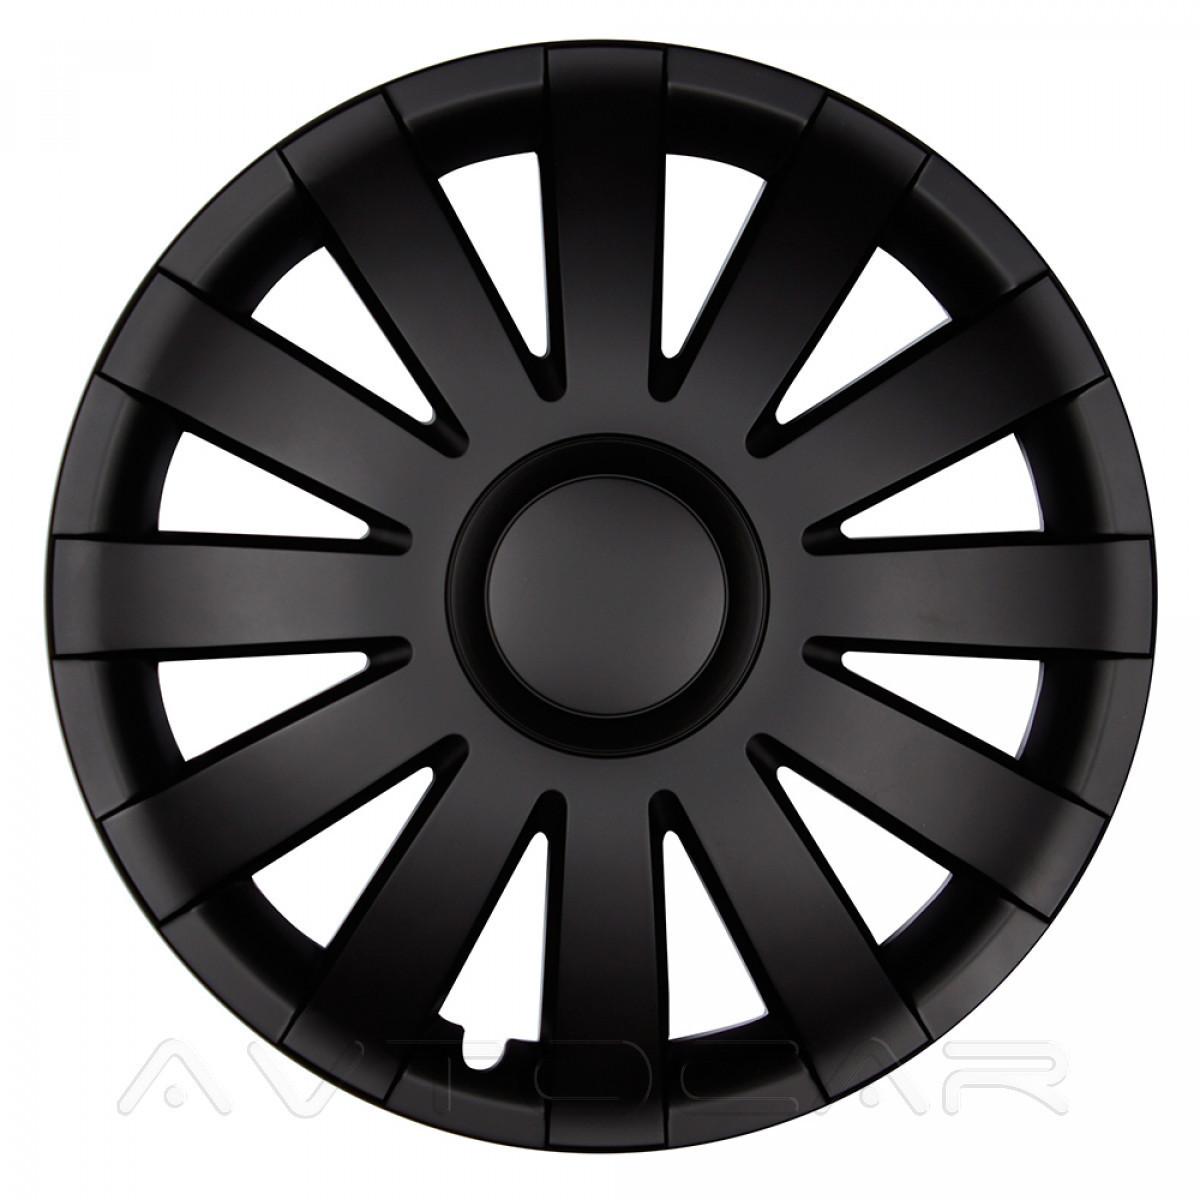 Колпаки колесные AGAT радиус R15 4шт (Olszewski)